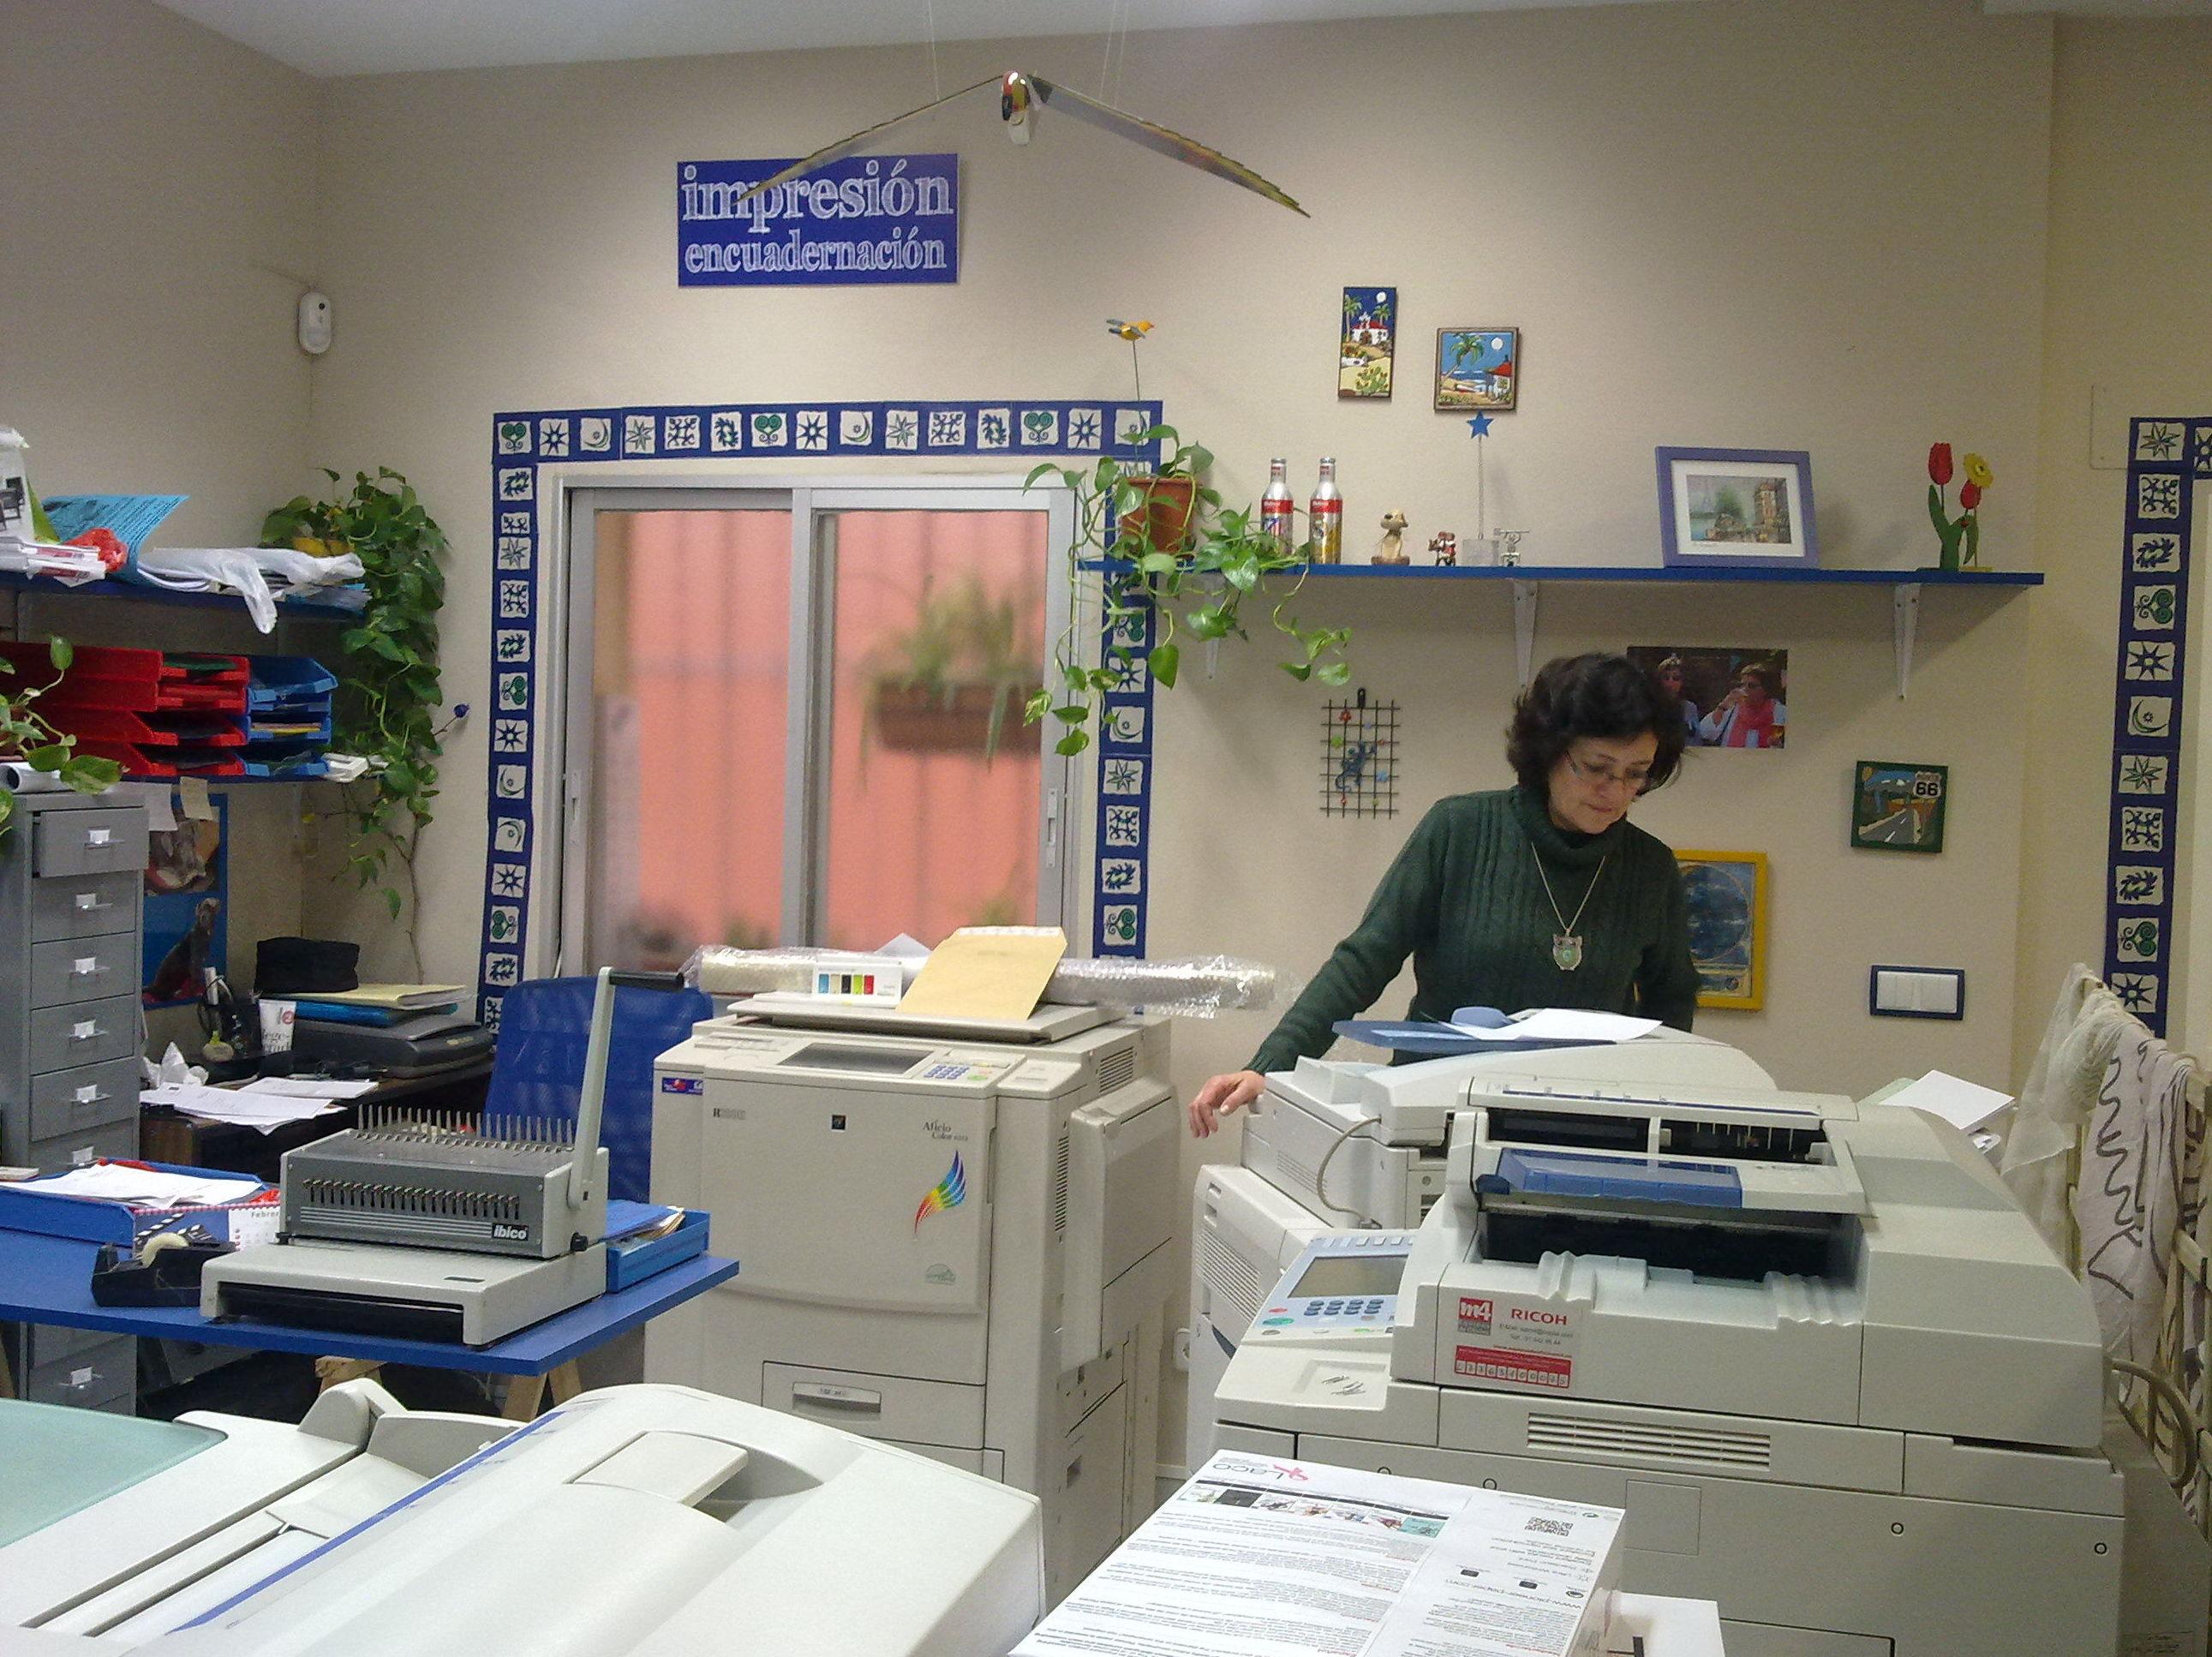 La Puerta del Ángel, reprografía, copistería, encuadernación, impresión digital